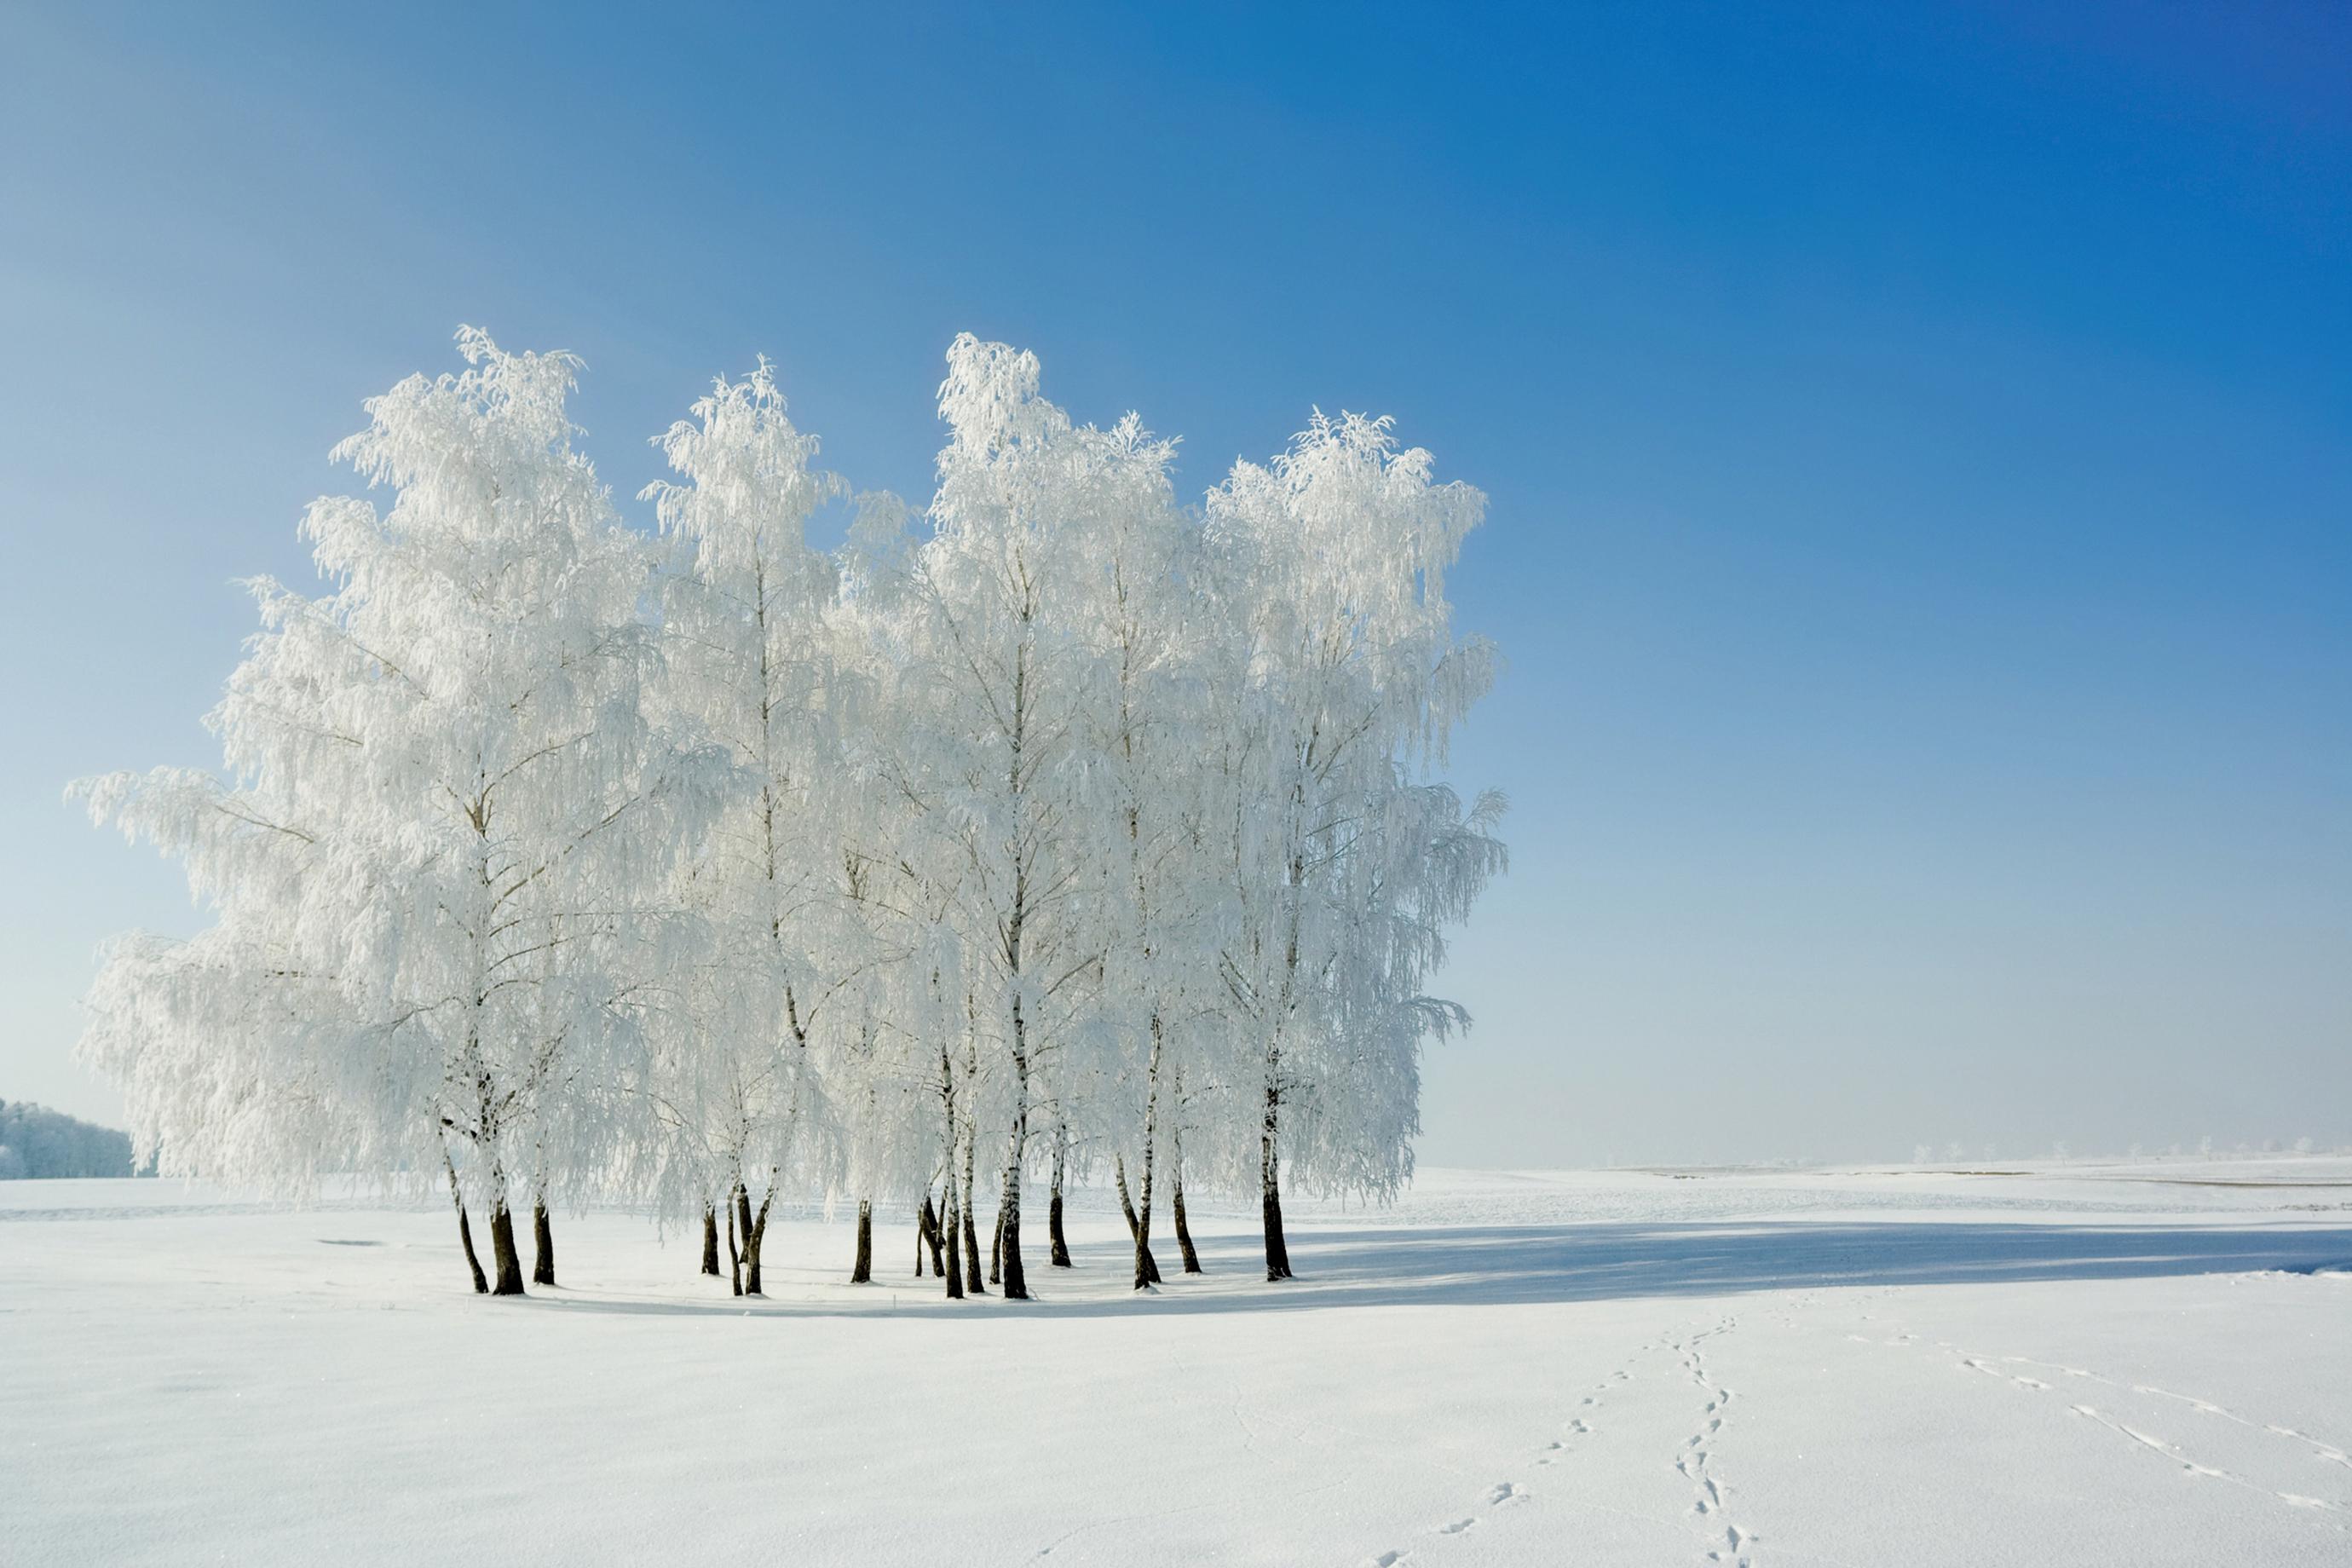 冬大過年有深意 港人做冬傳統不衰